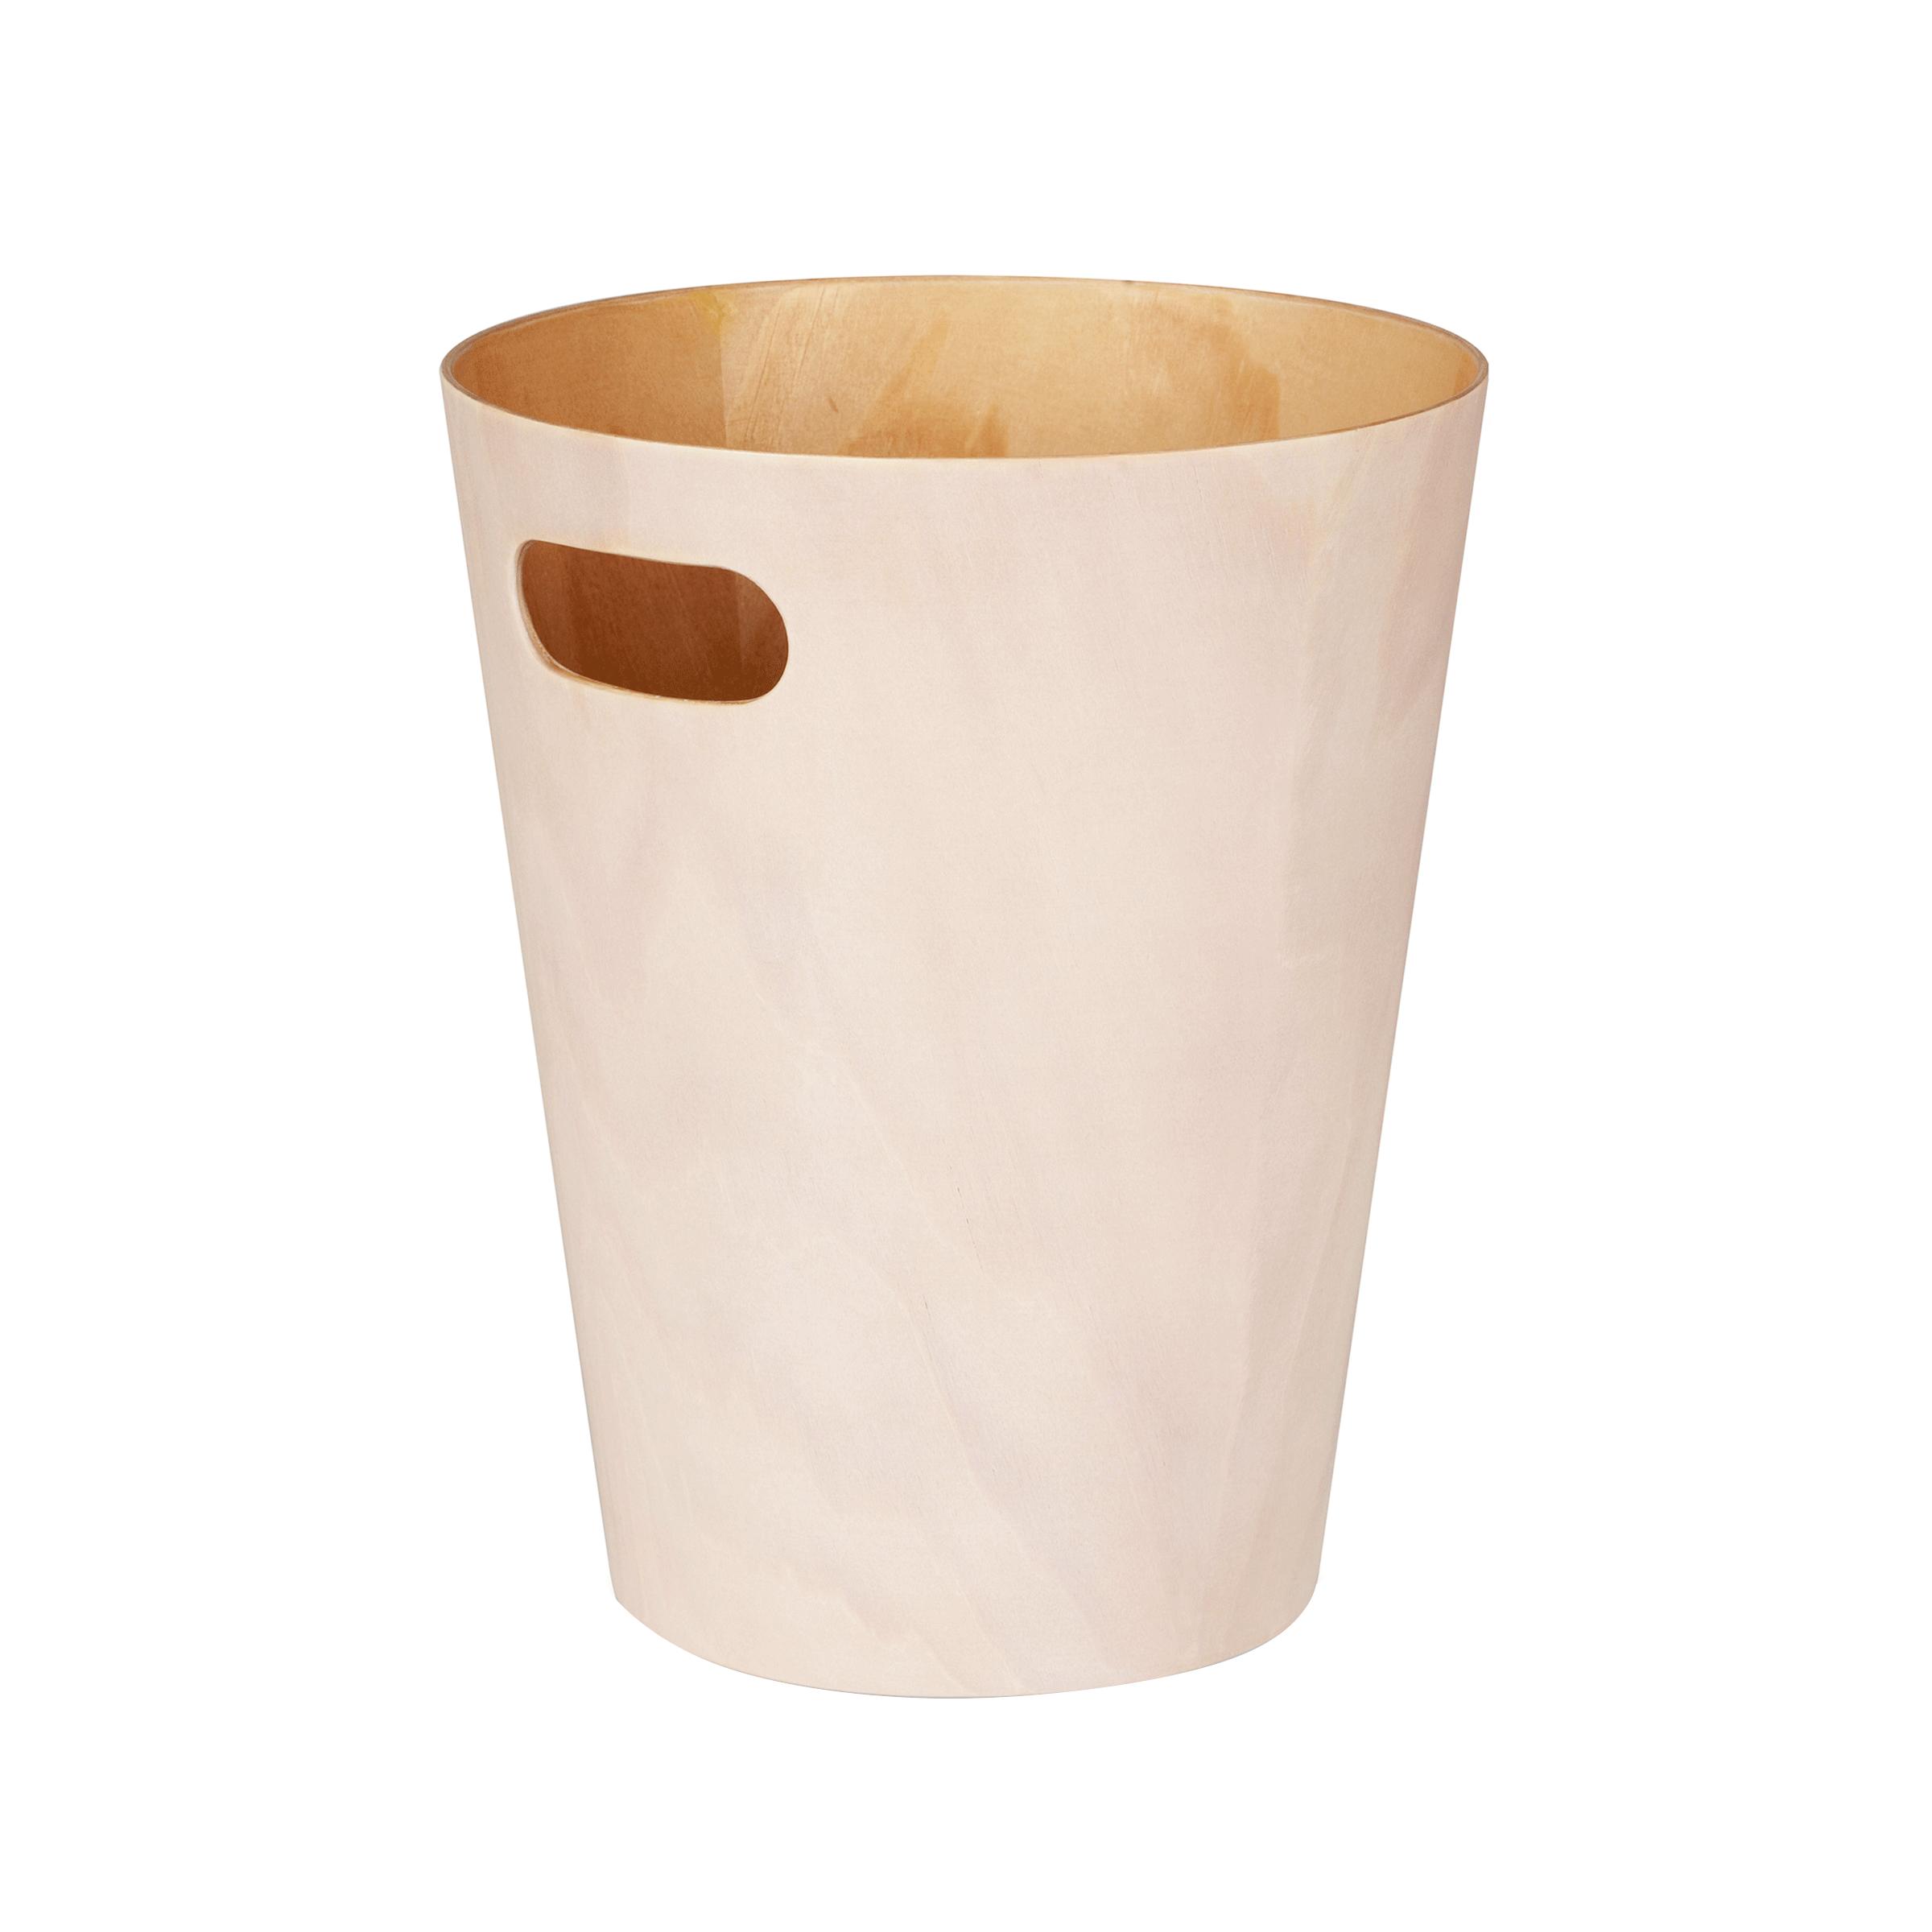 Corbeille à papier en bois crème pour bureau